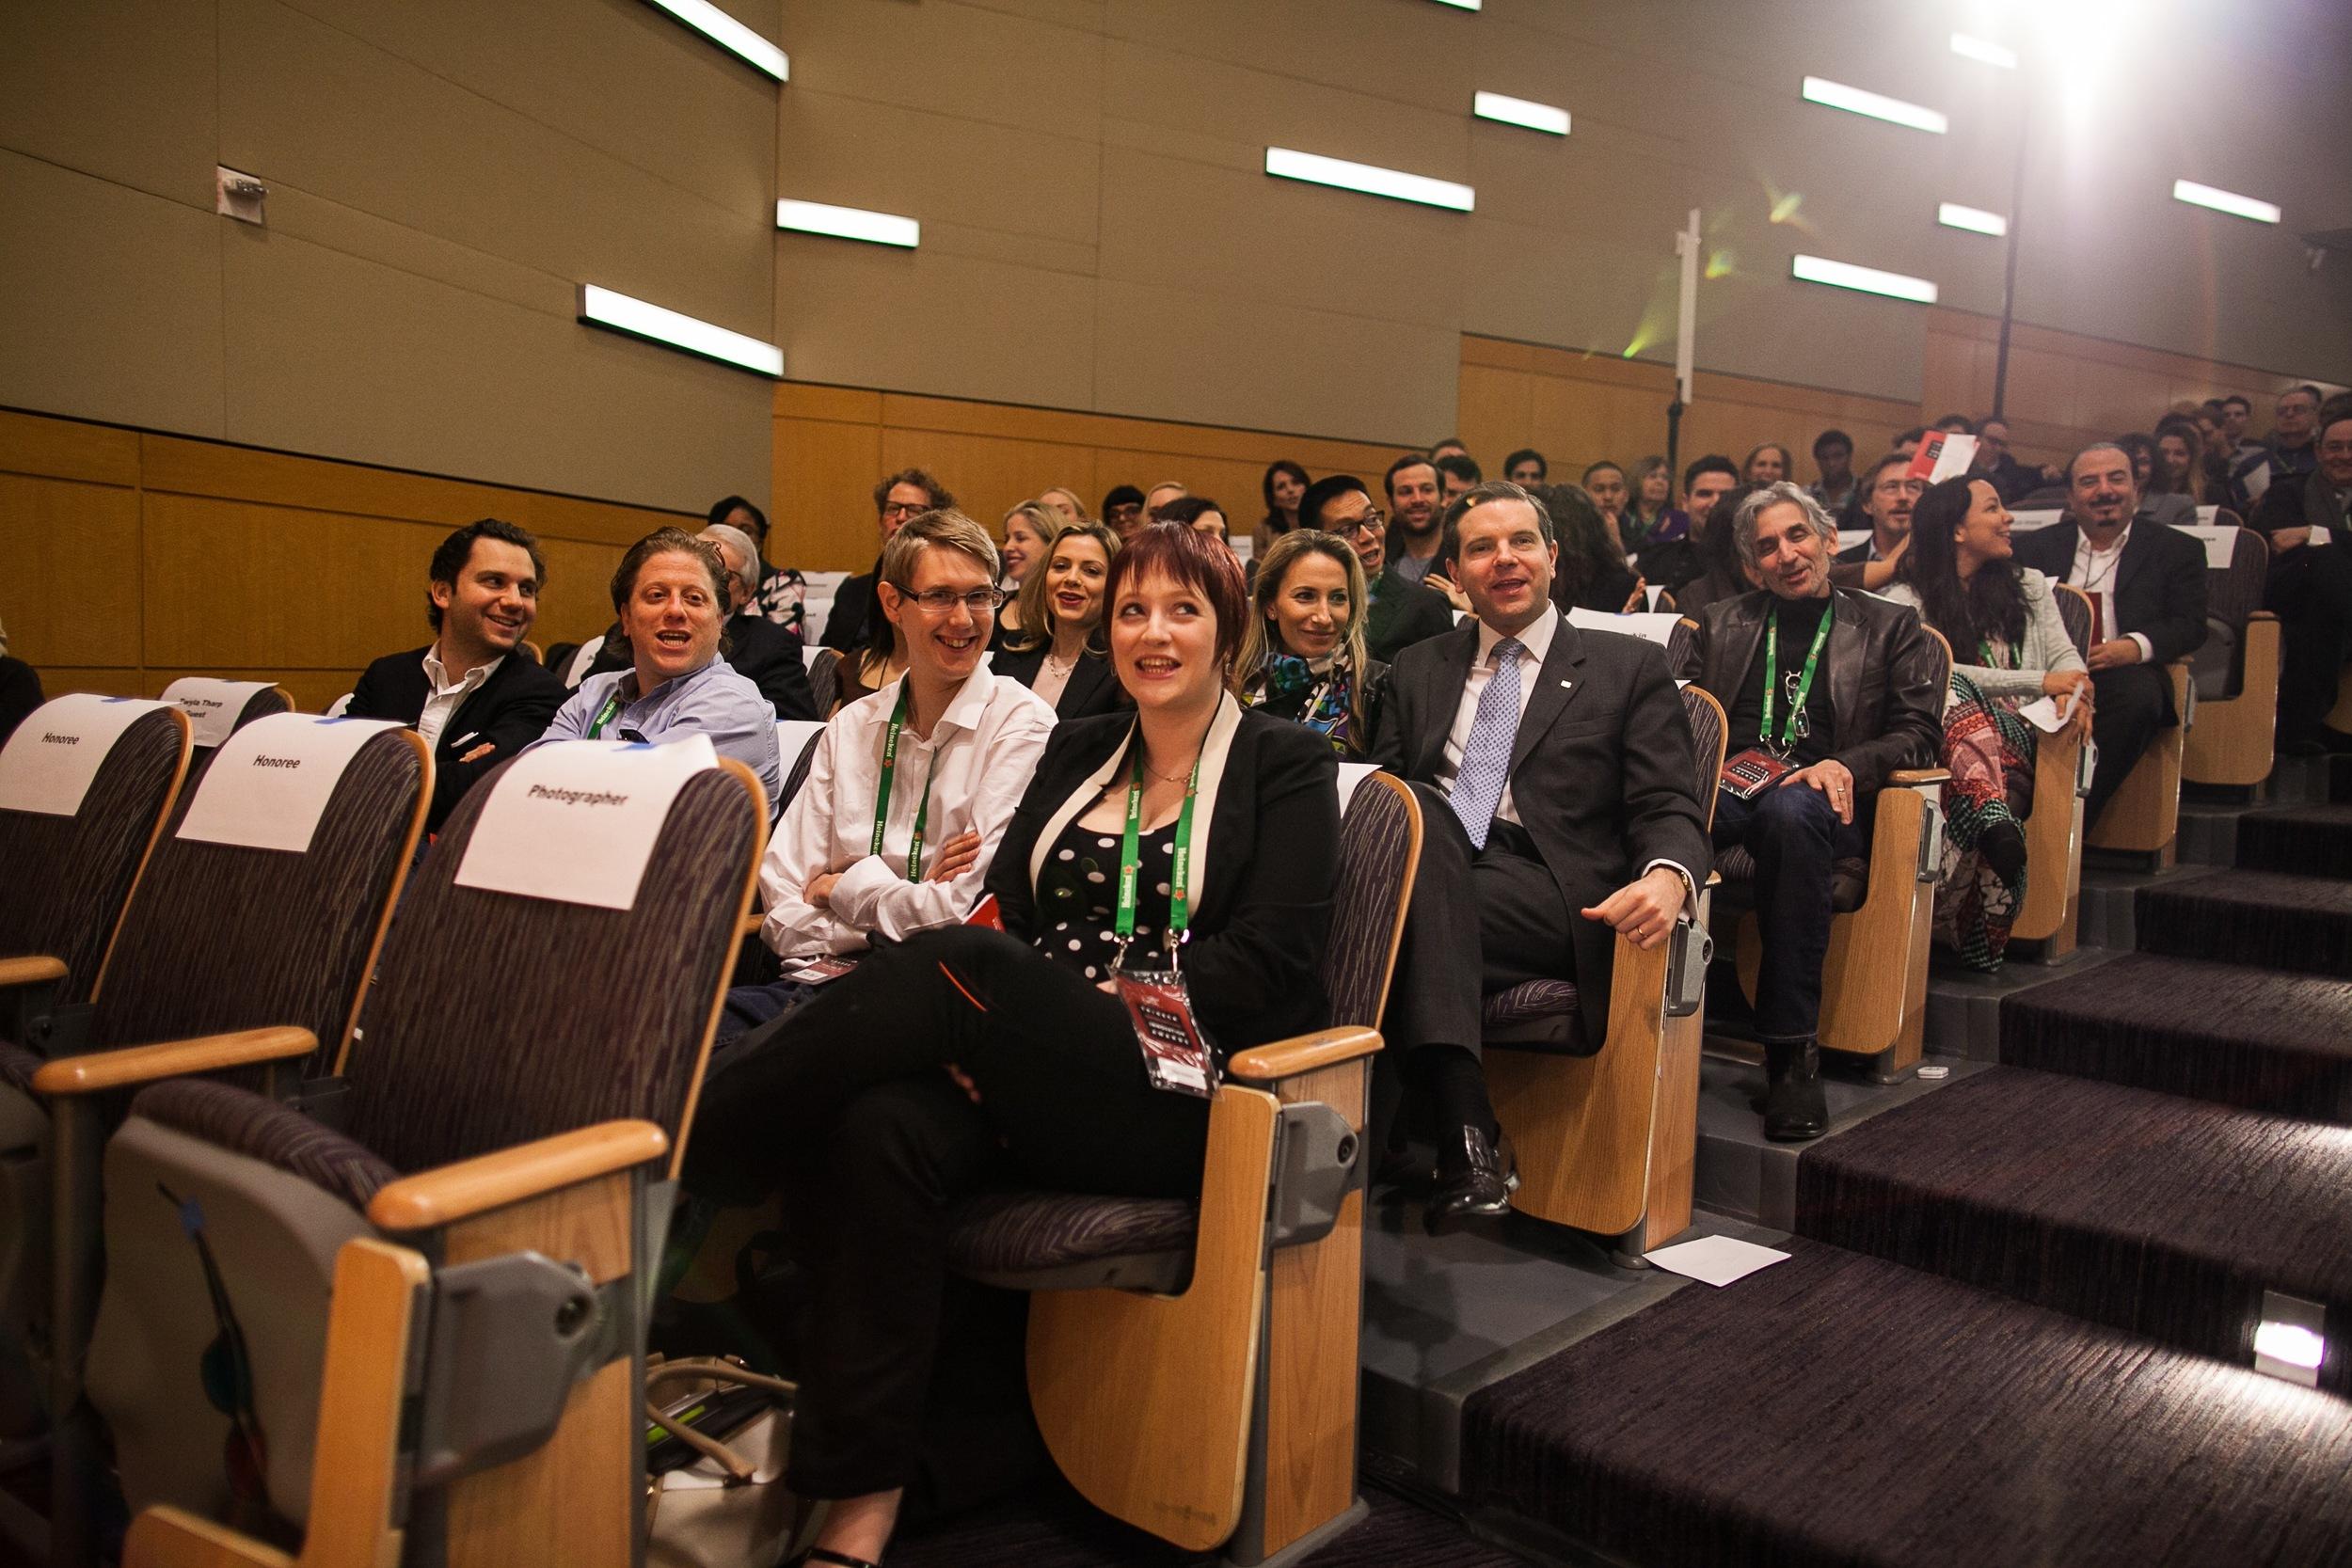 Tribeca Disruptive Innovation Awards 2013 - 045.jpg